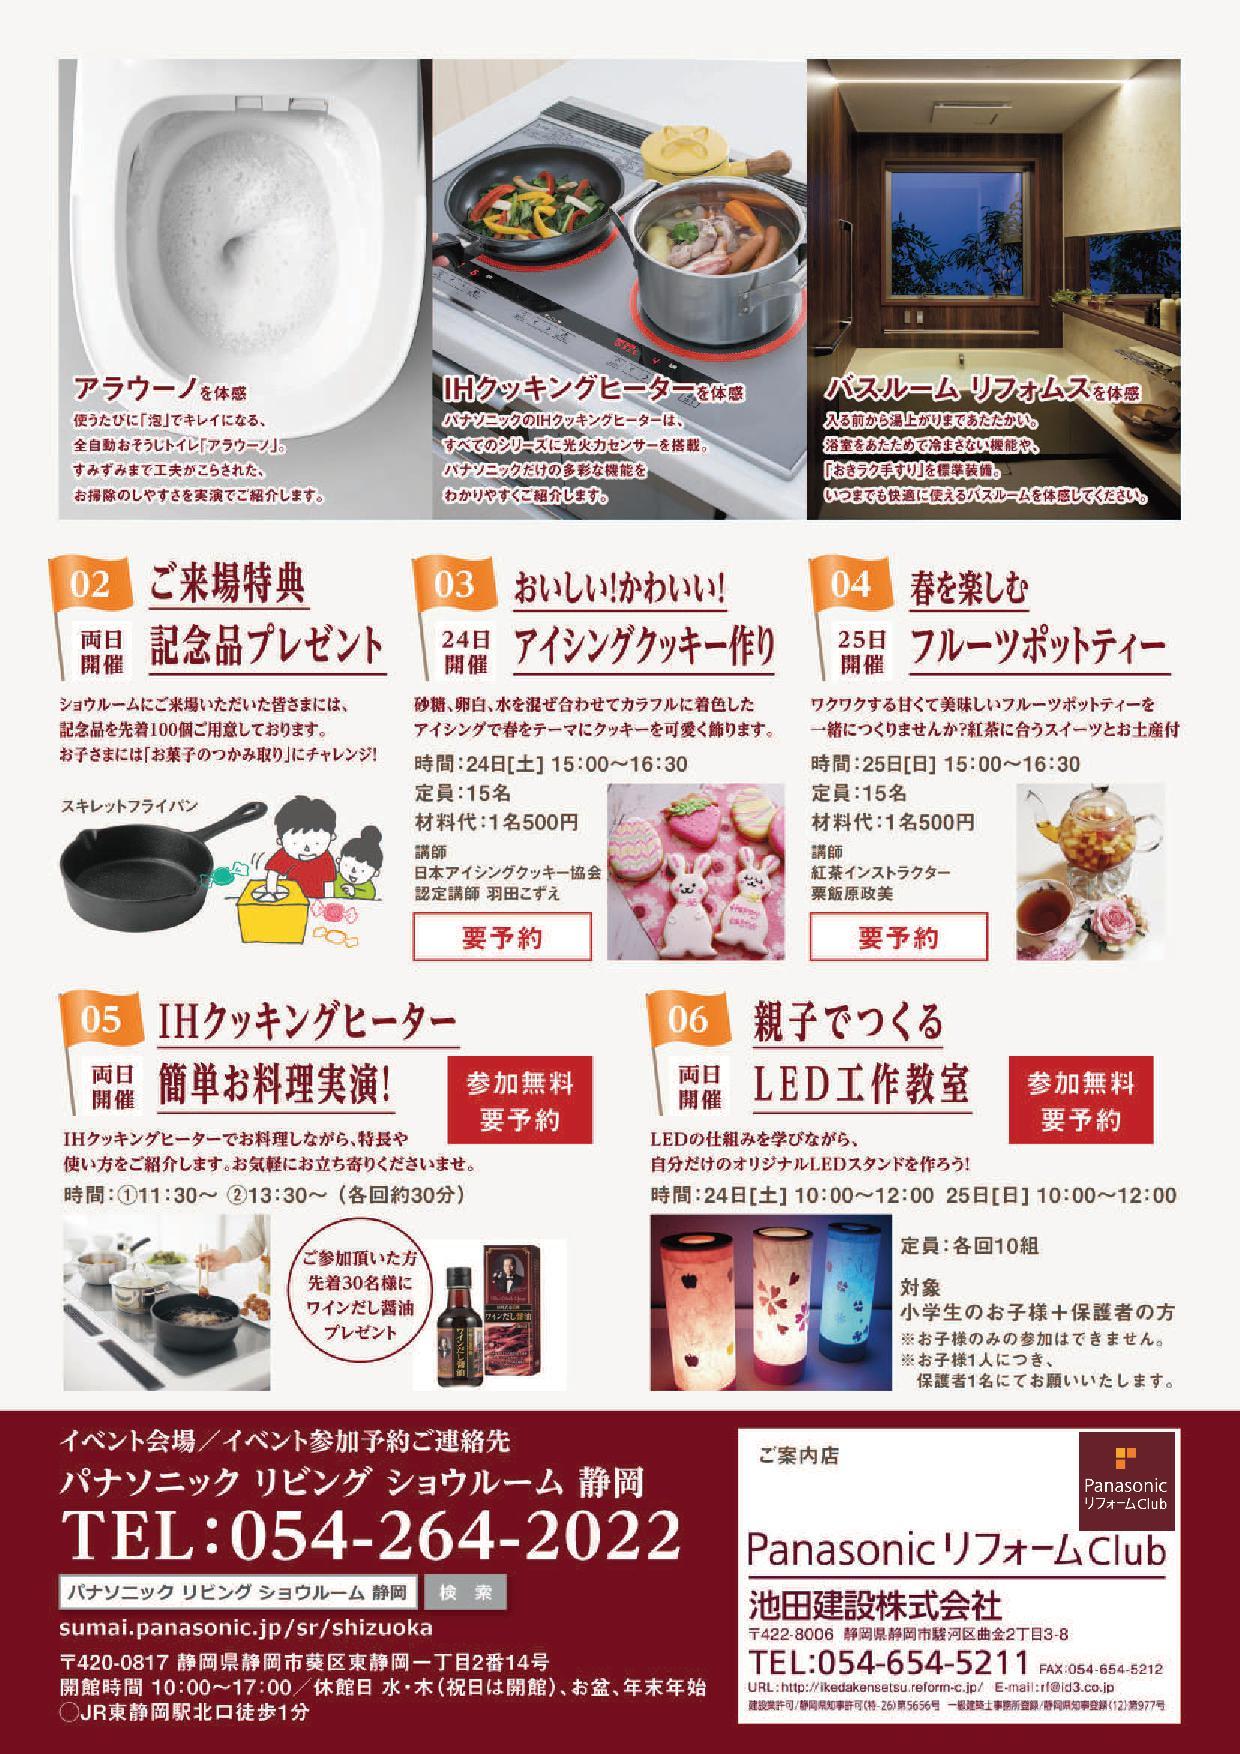 【池田建設】静2岡SR_3月イベントチラシ-4_0222 (003)